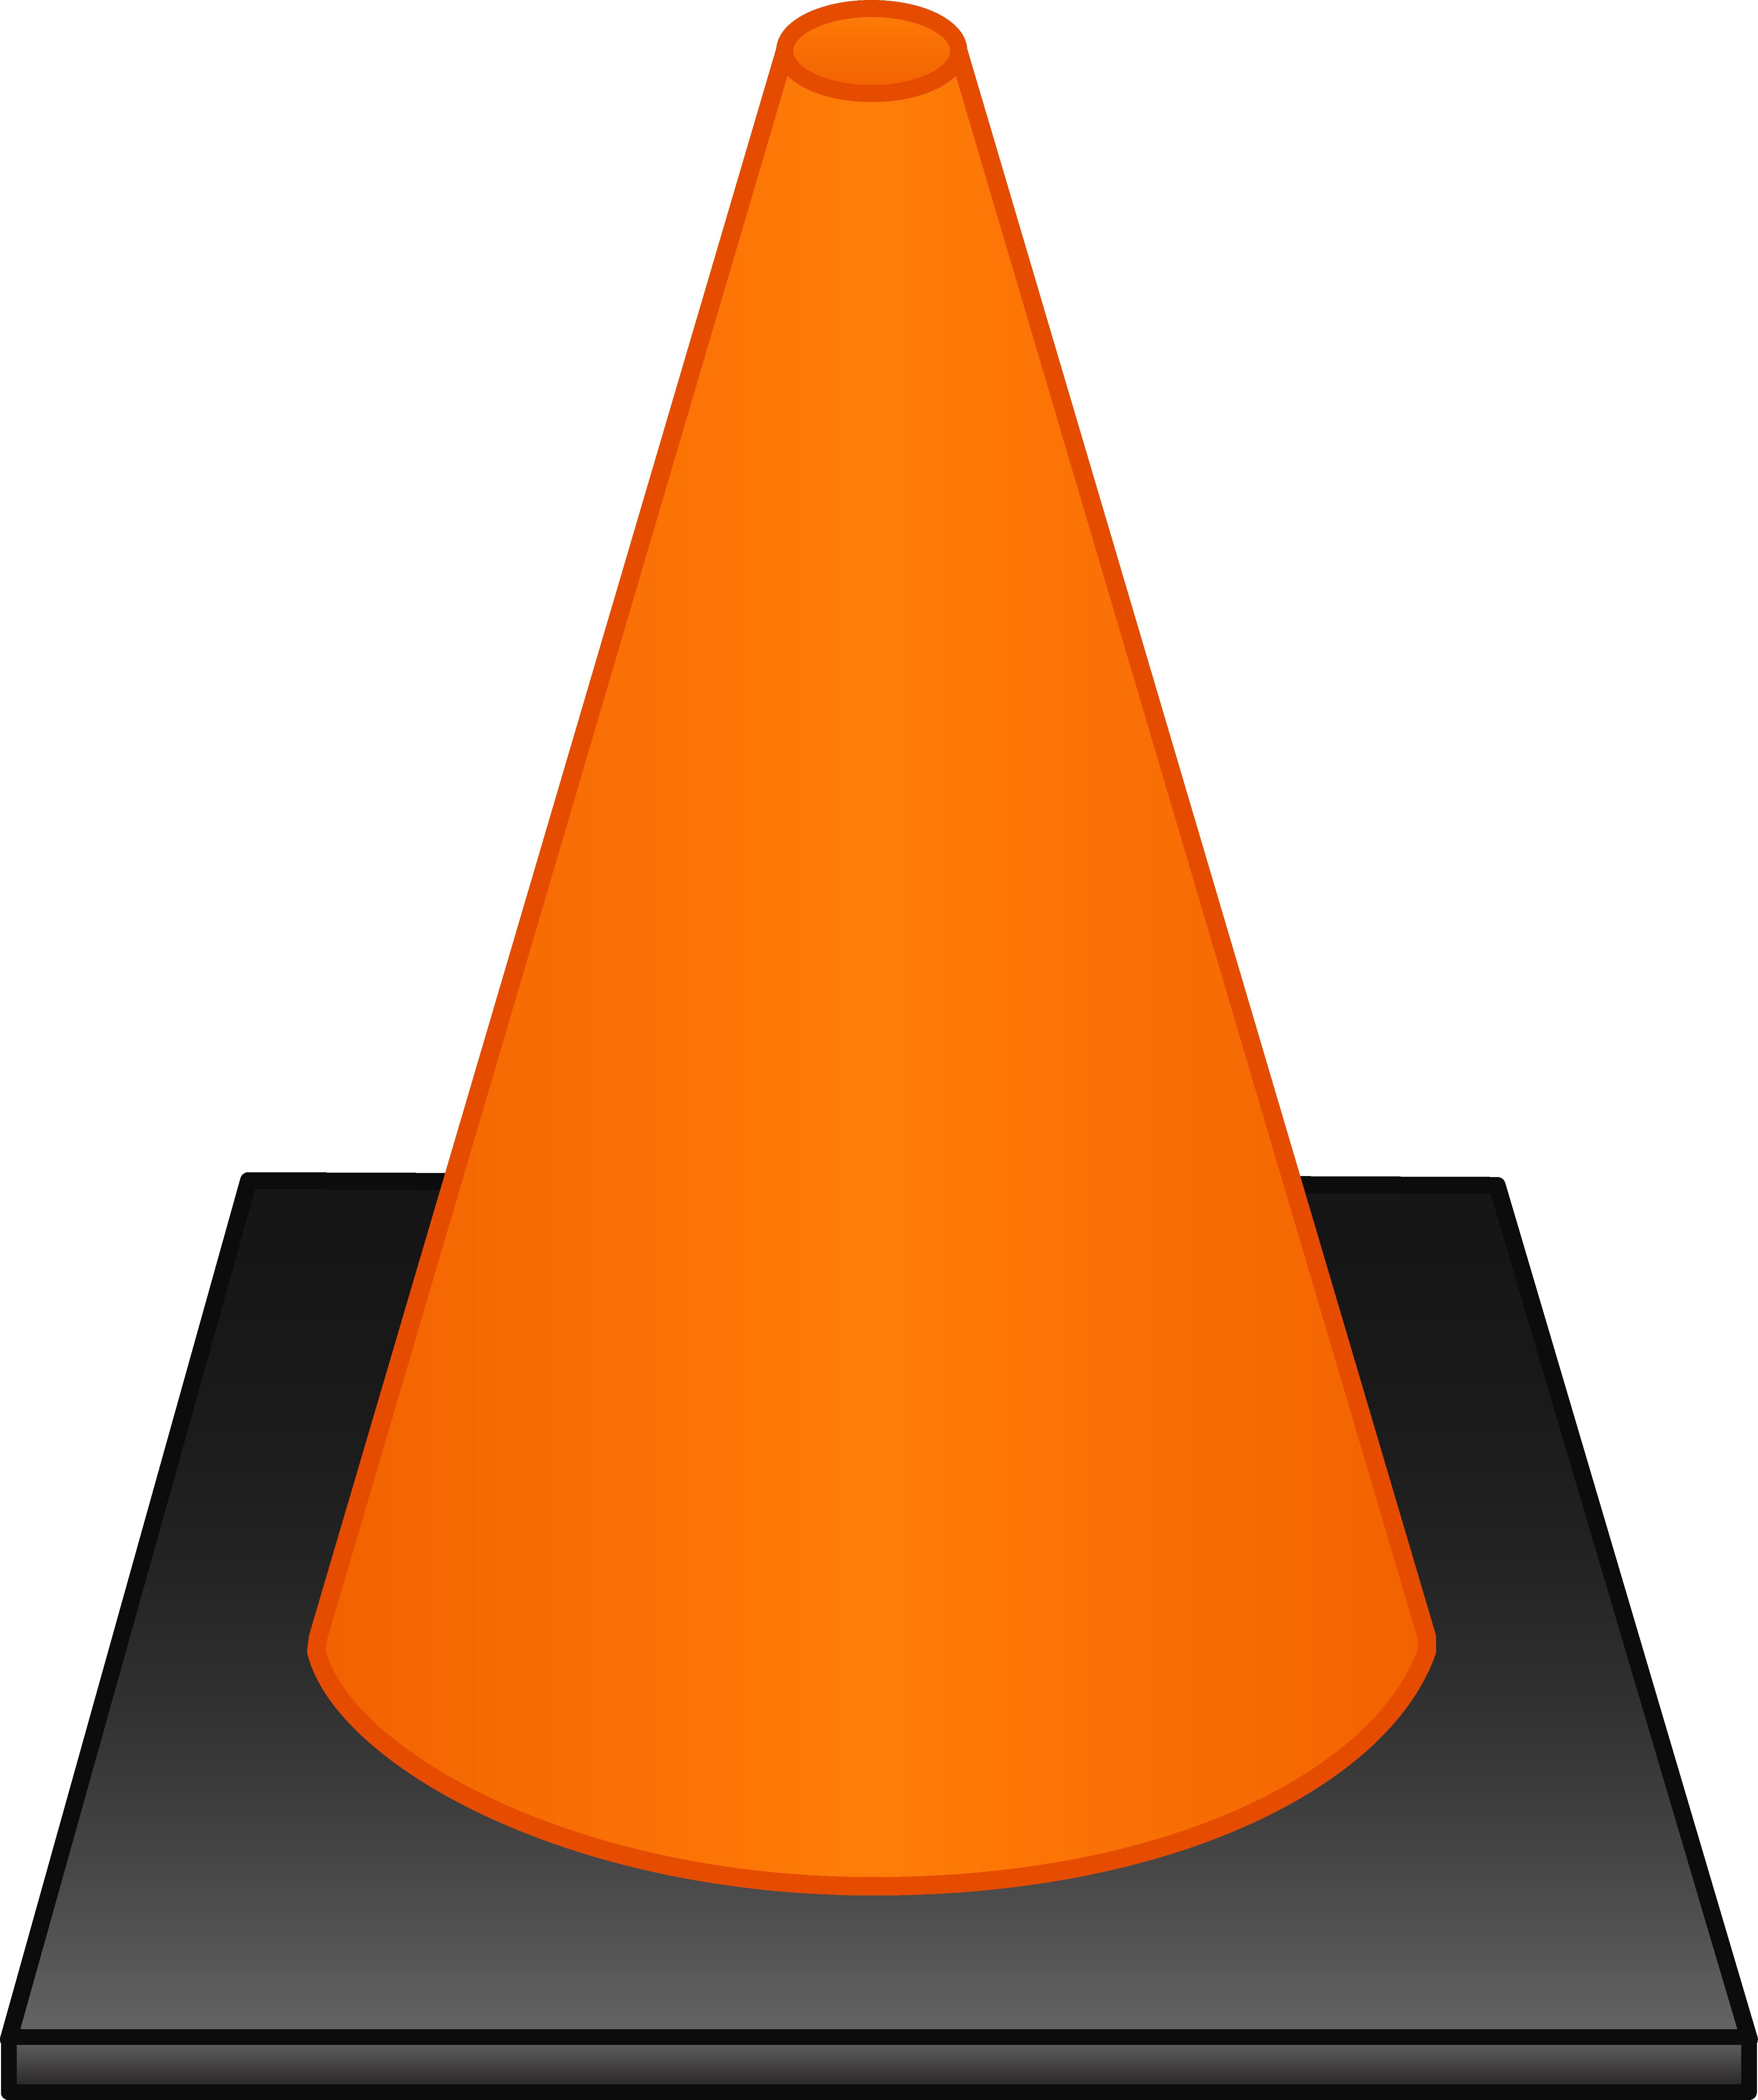 5139x6139 Orange Traffic Cone